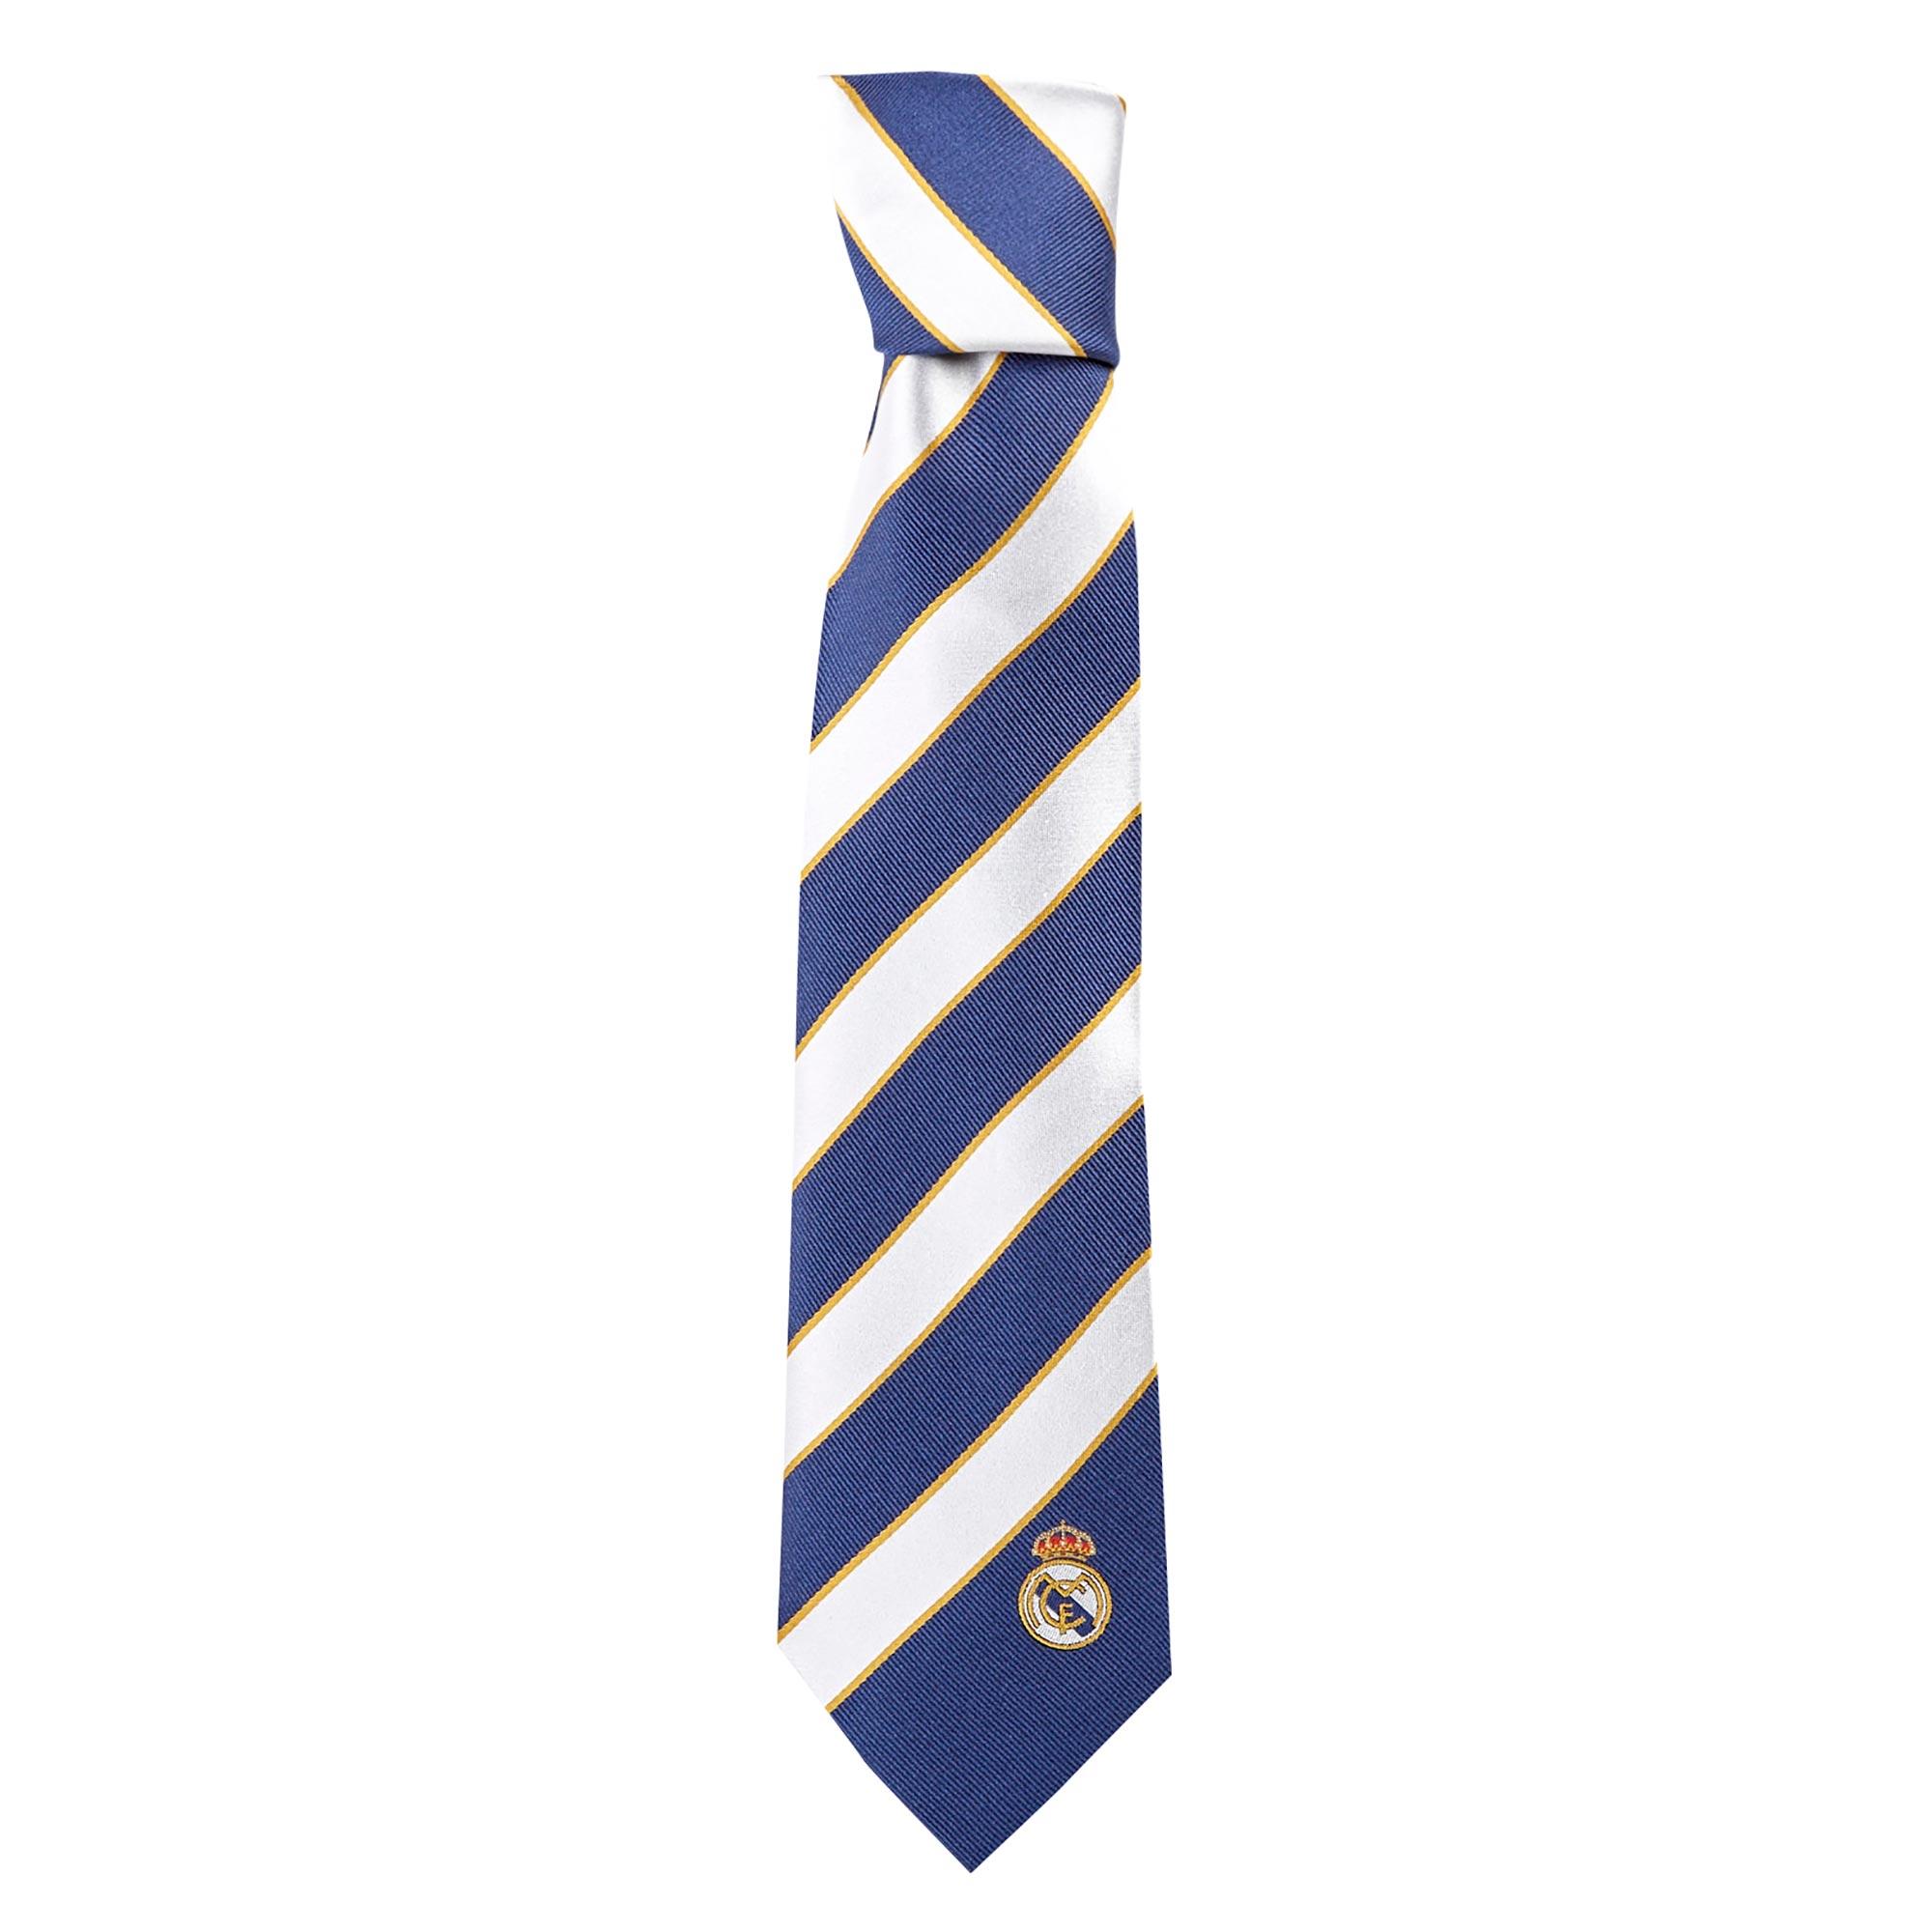 Cravate à rayures épaisses Real Madrid dans une boîte - Soie